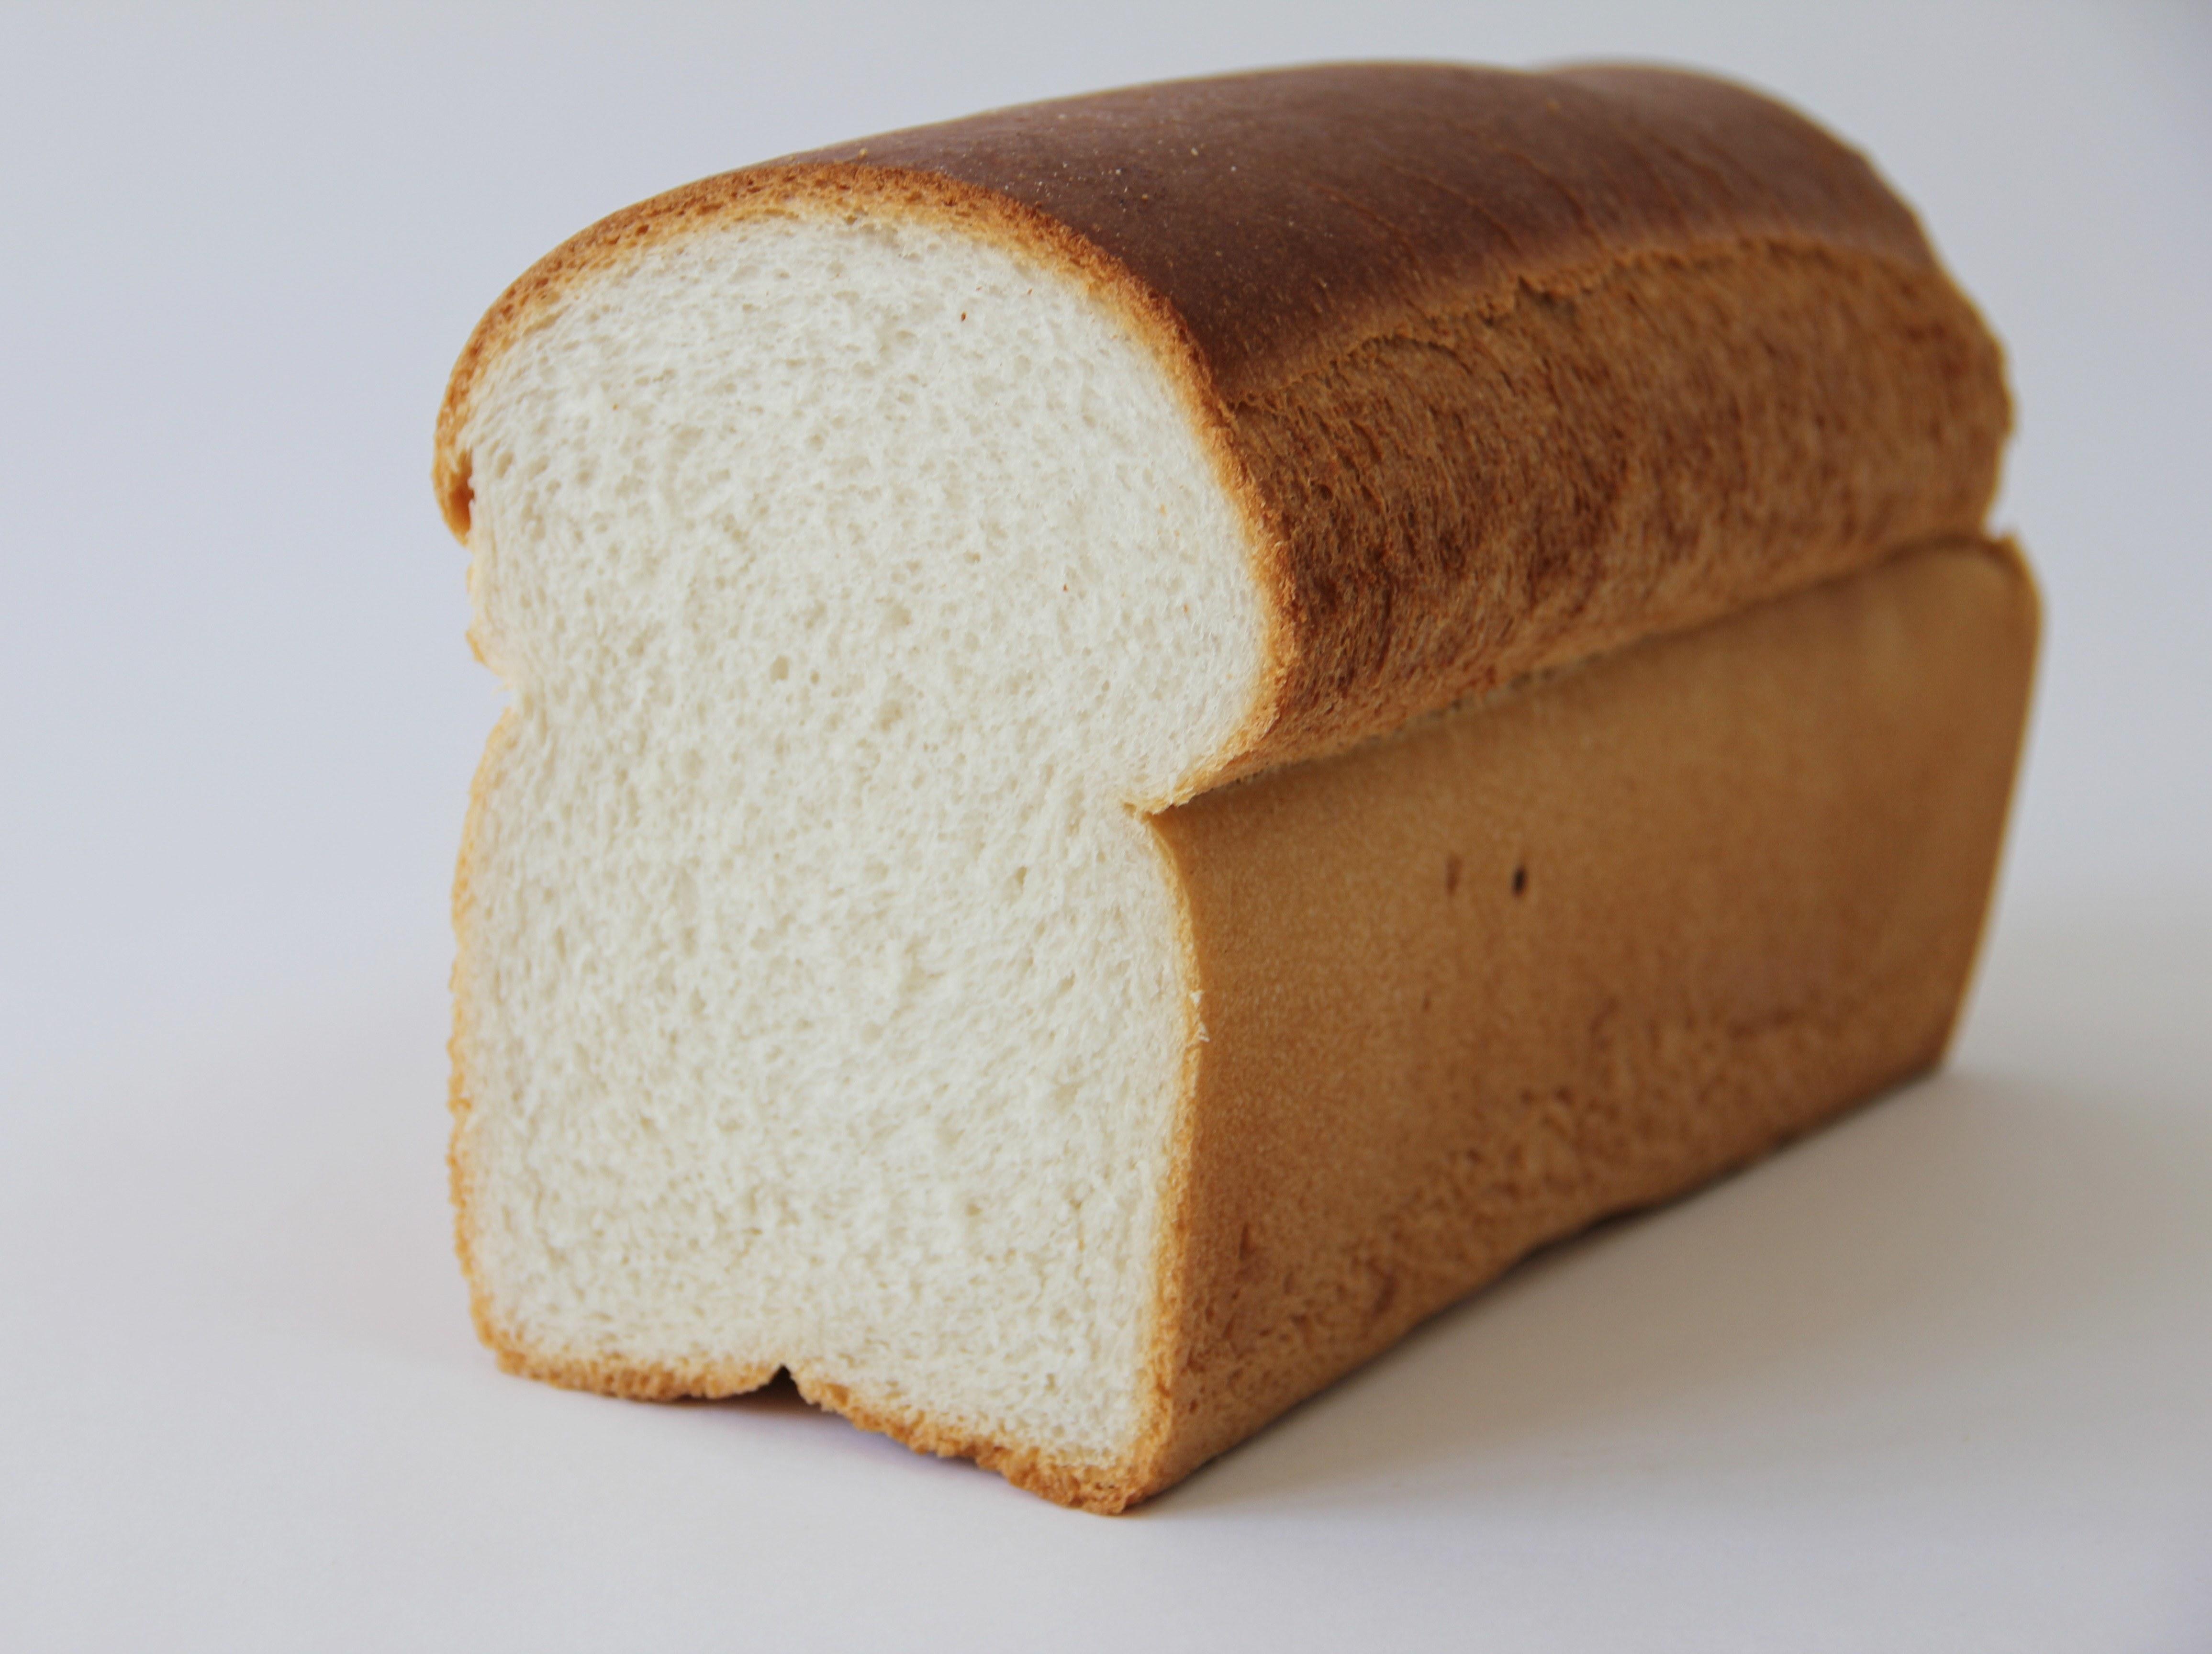 witrood - Brood & Banketbakkerij Sterk Nieuwegein